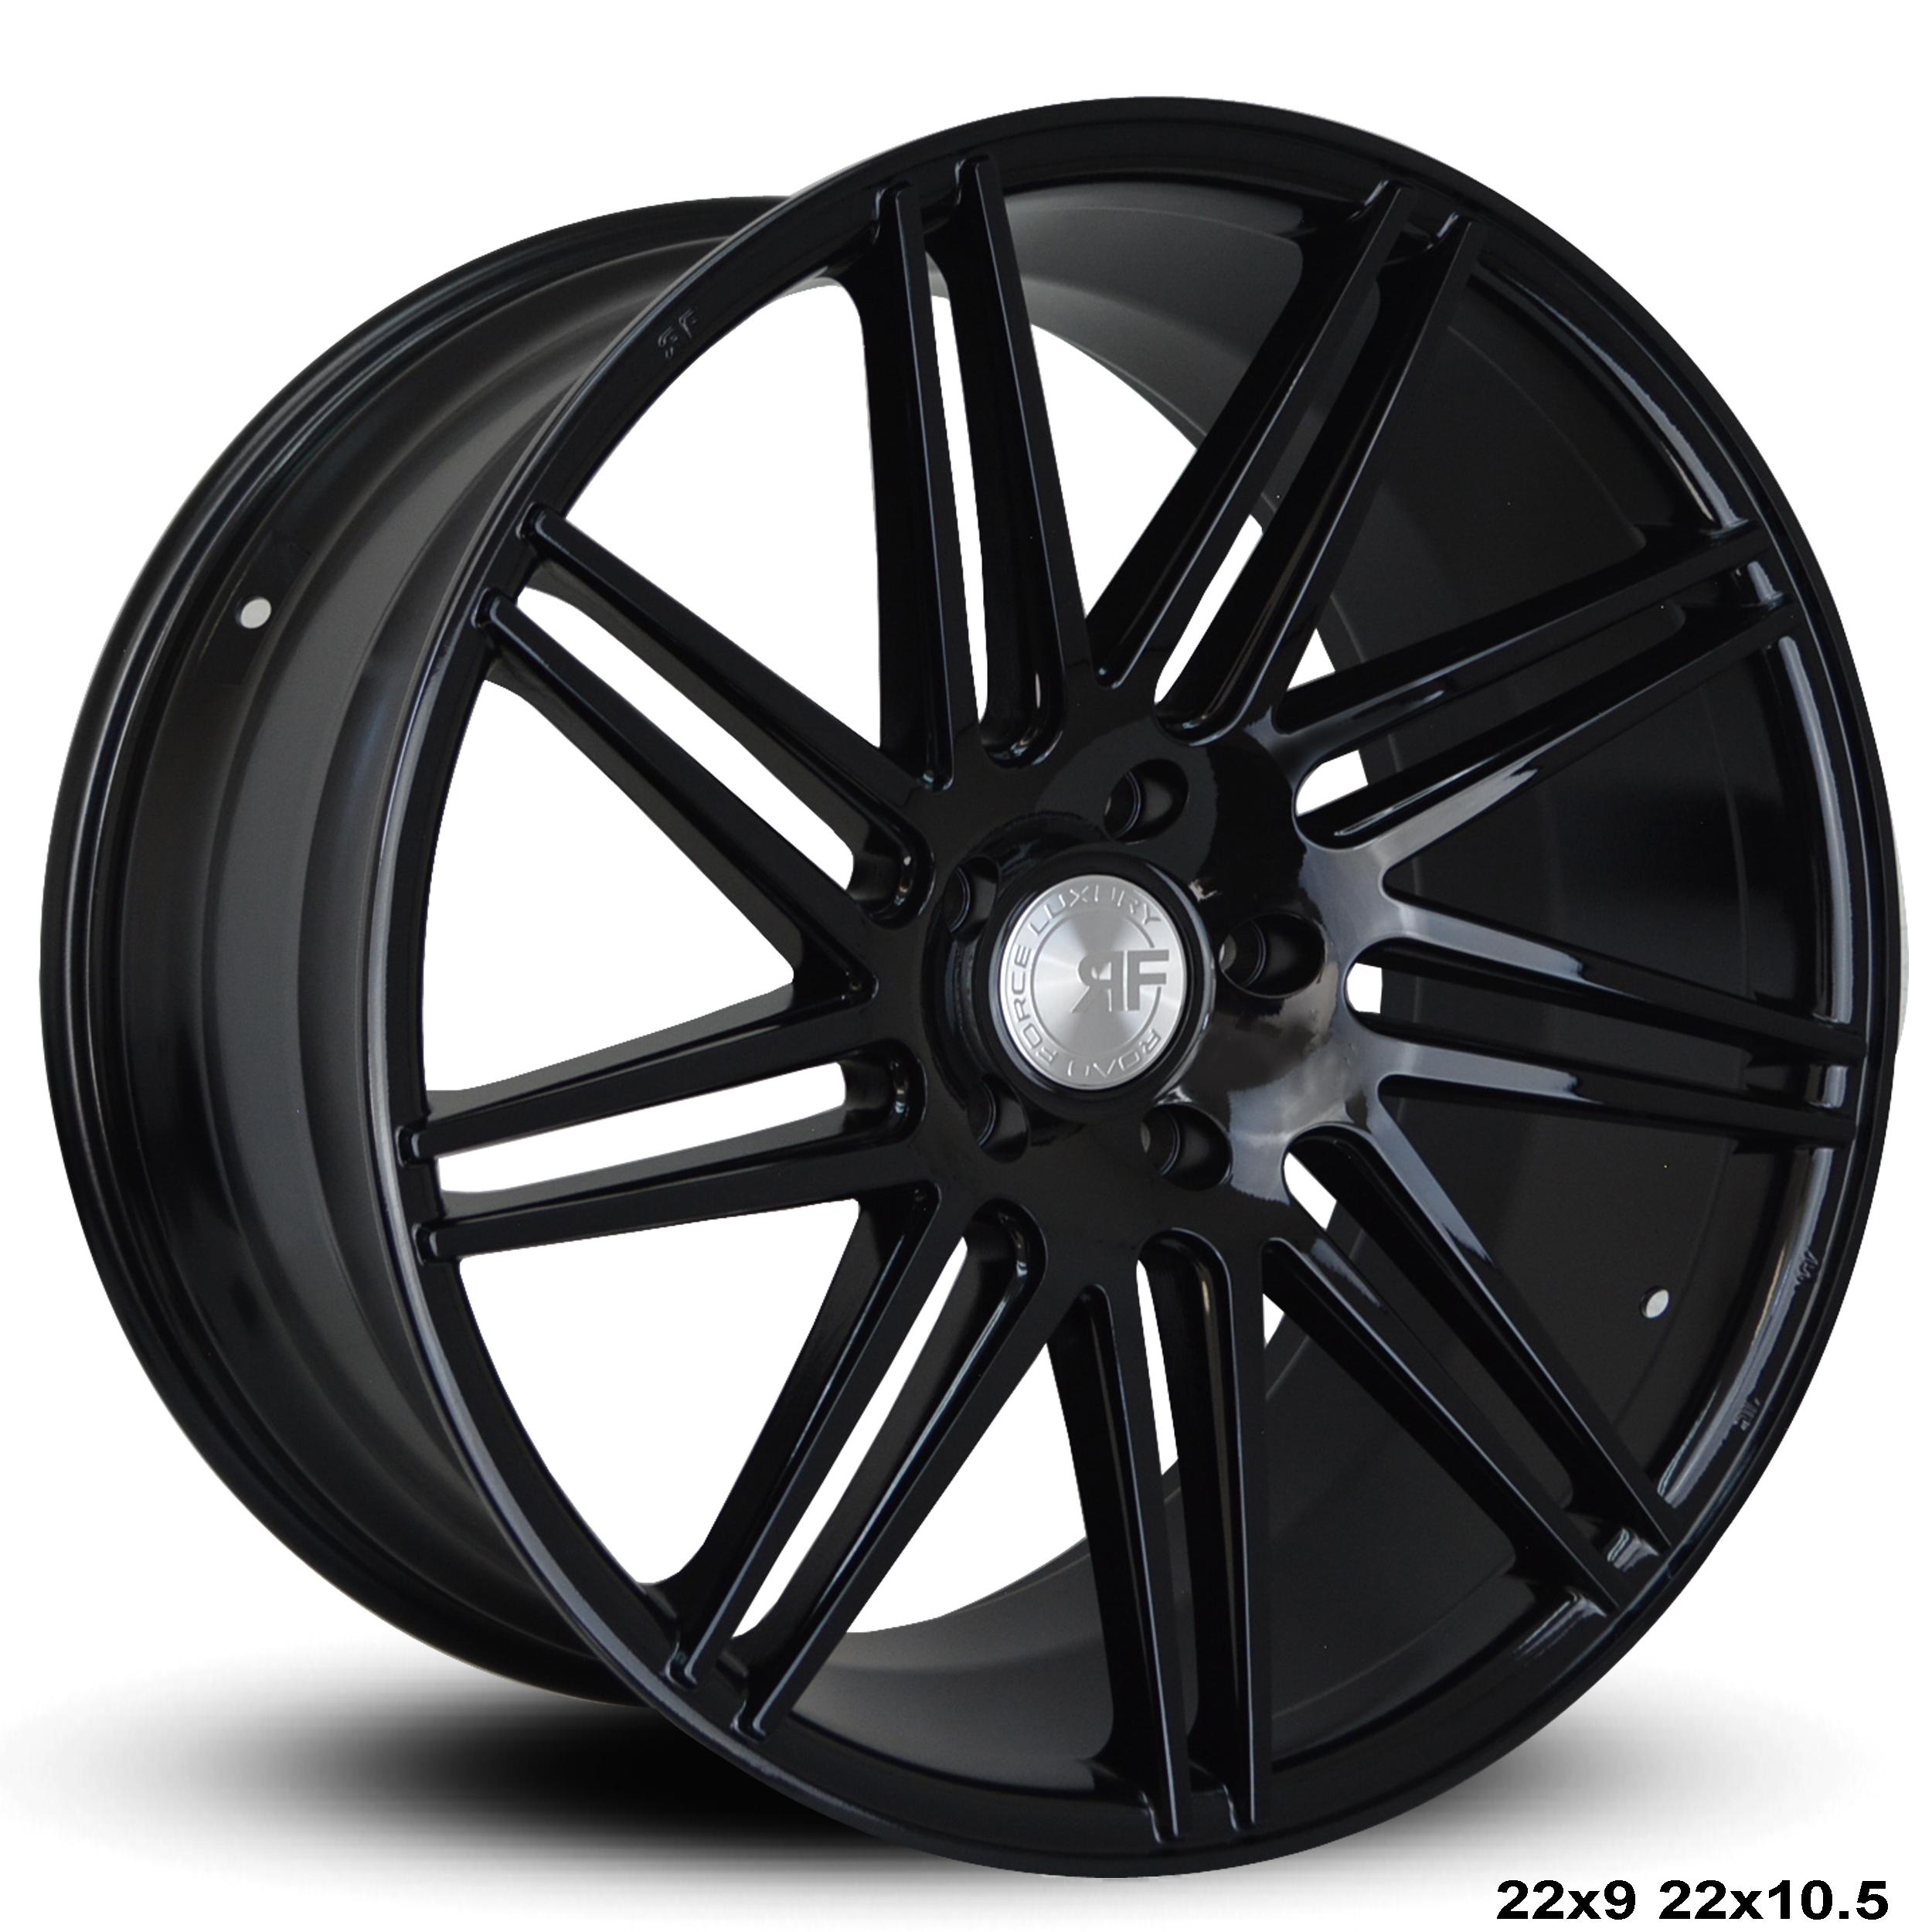 Roadforce Rf11 22x9 22x10 5 Gloss Black Finish Wheels